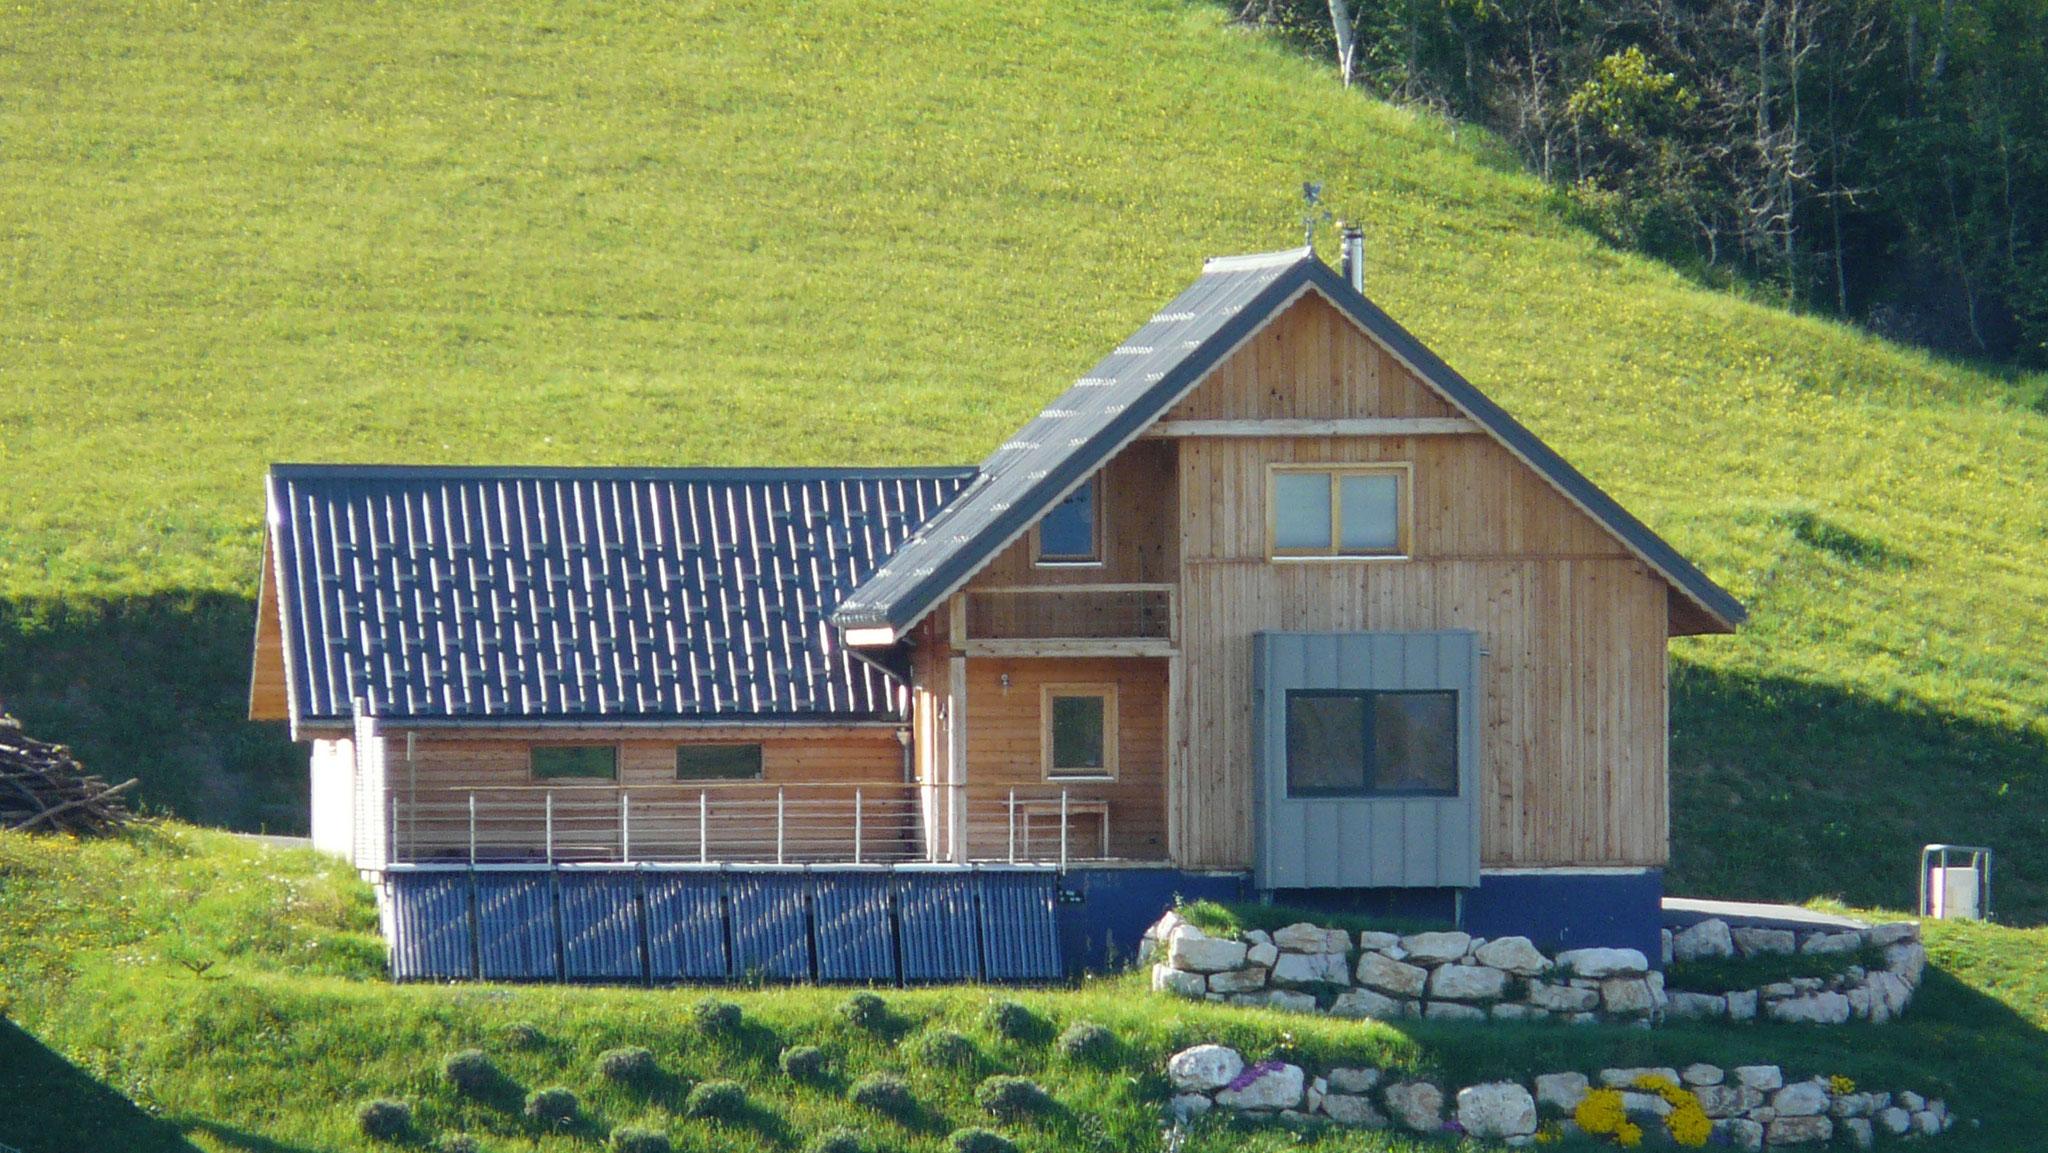 Maison bois Plateau des Petites Roches